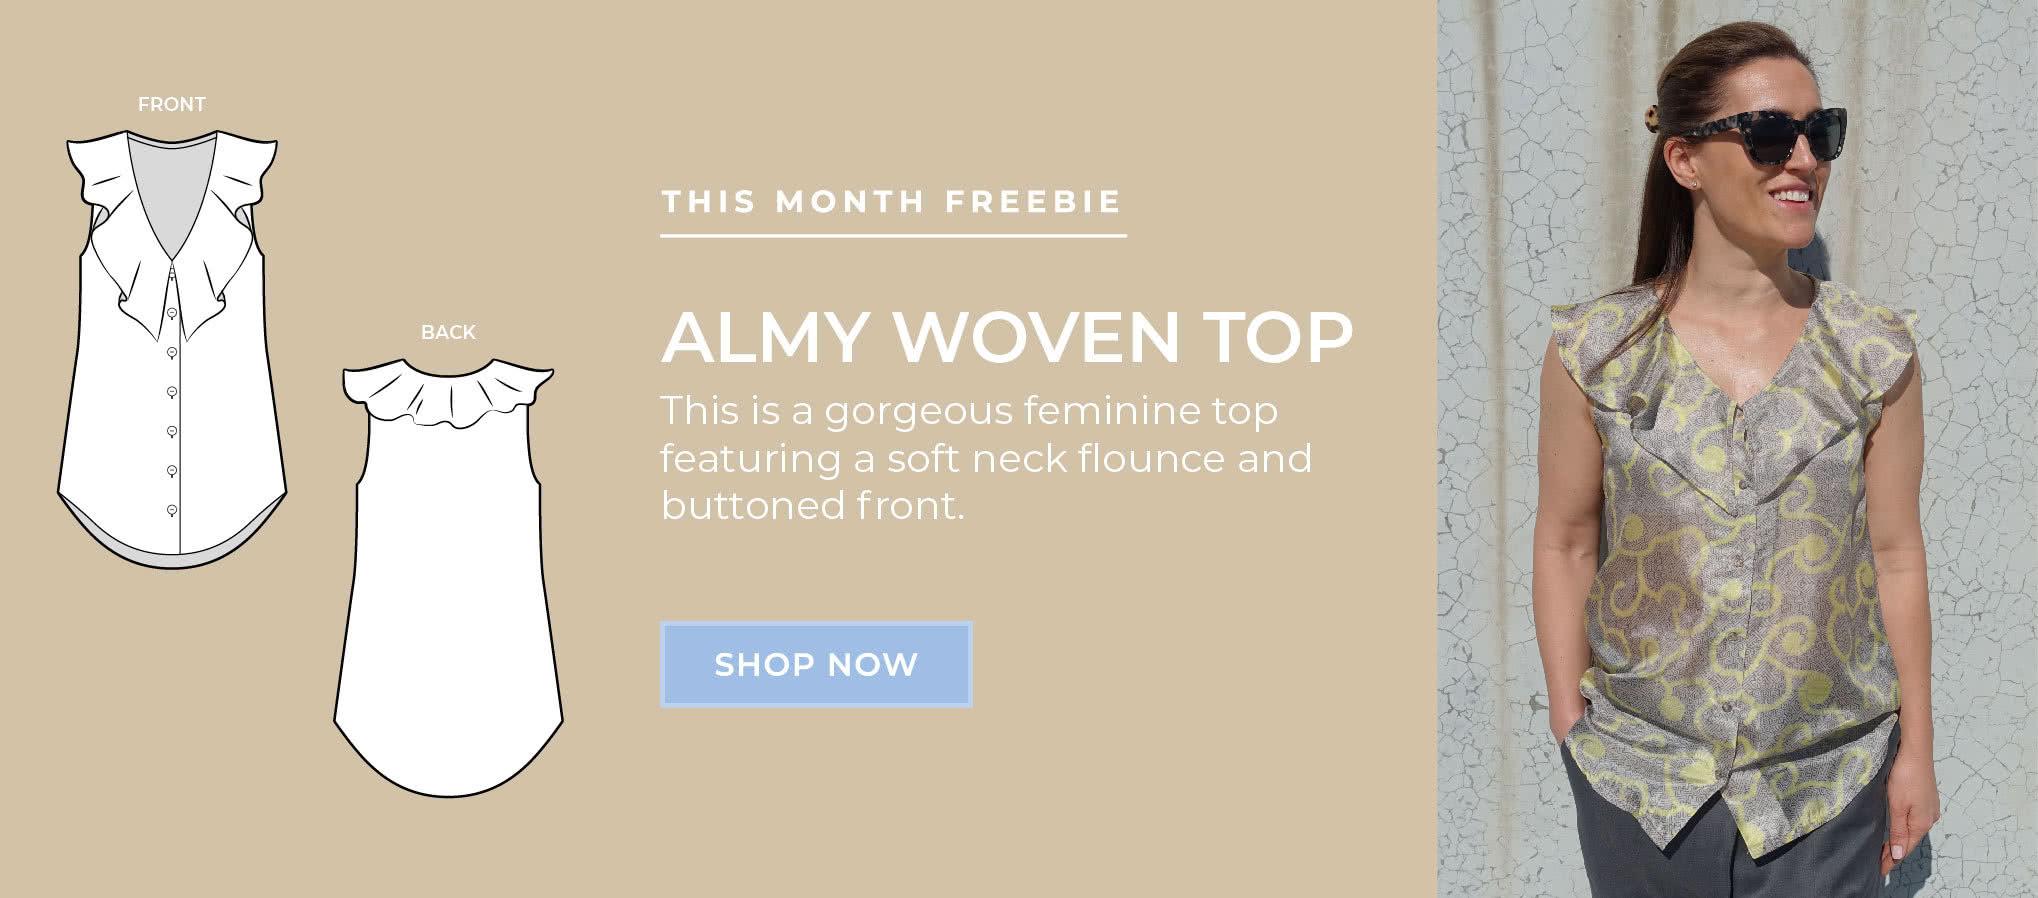 July 2020 Freebie - Almy Woven Top